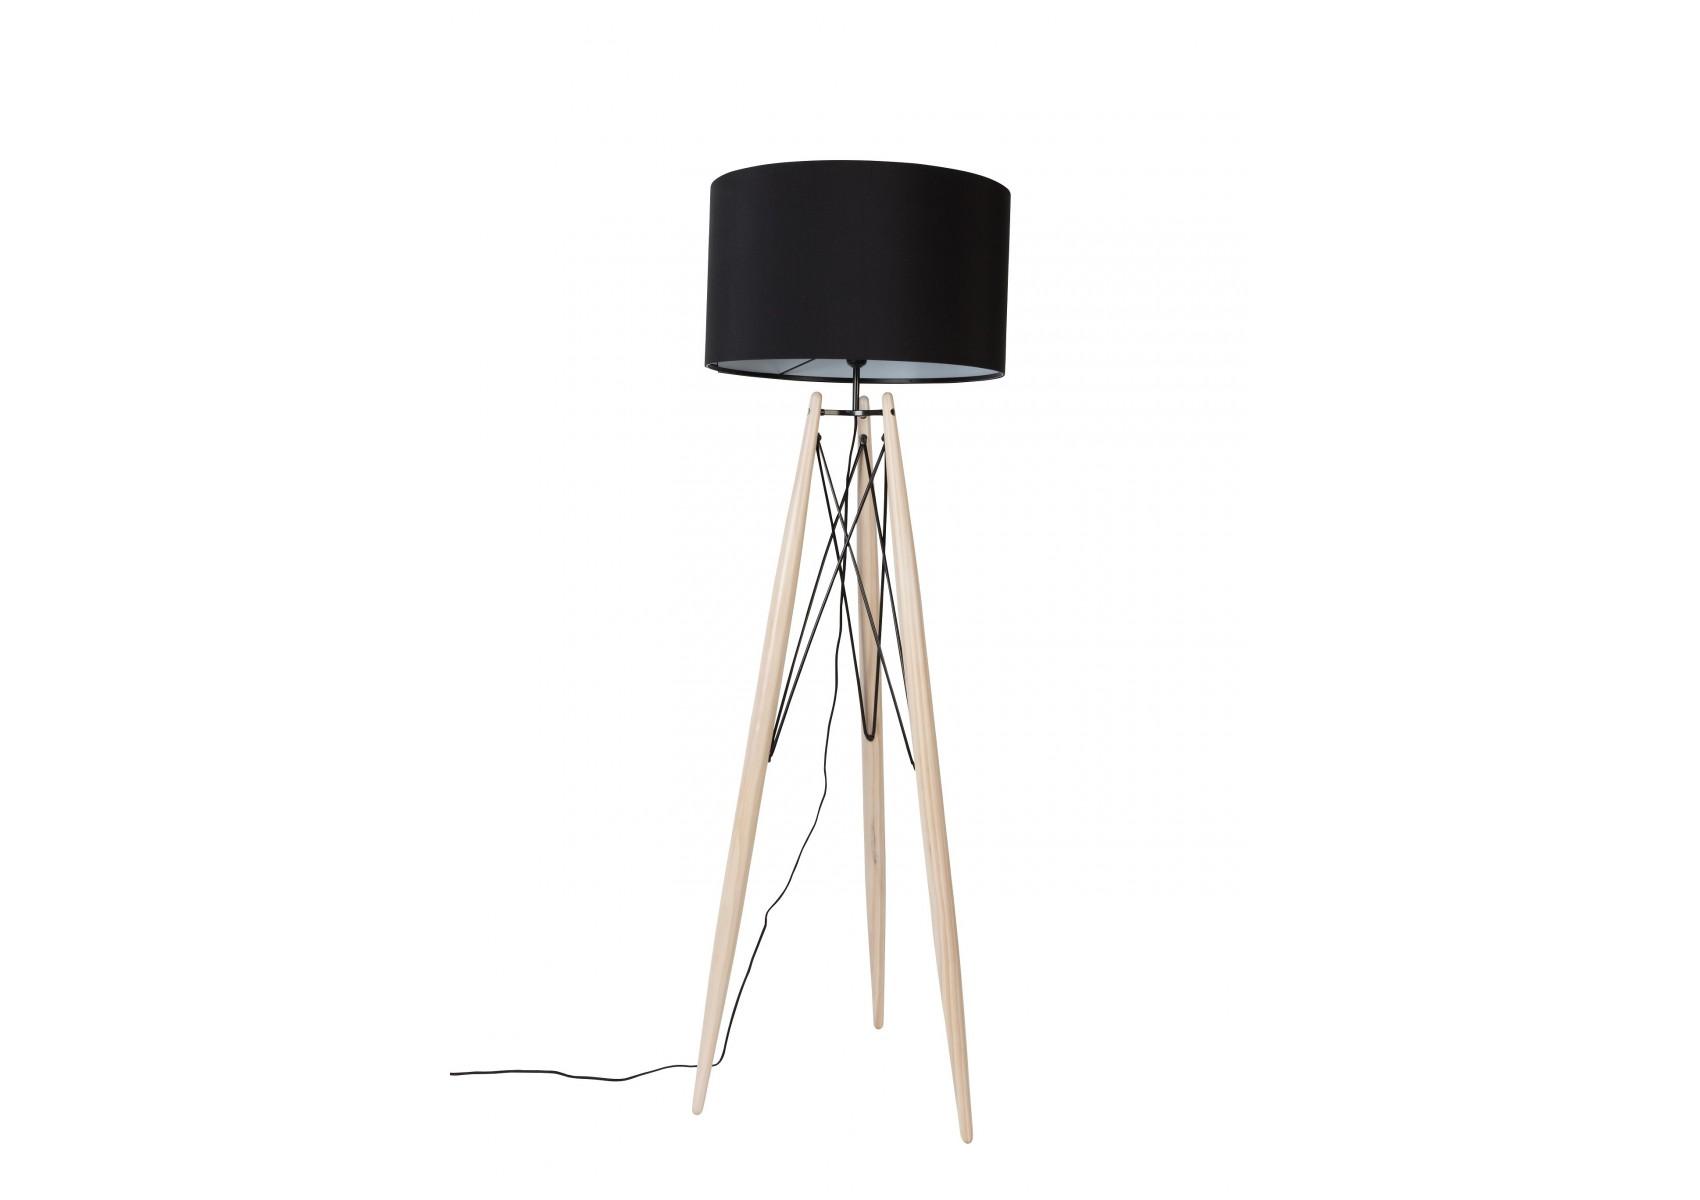 lampadaire design eiffel trepied en bois et metal boite. Black Bedroom Furniture Sets. Home Design Ideas